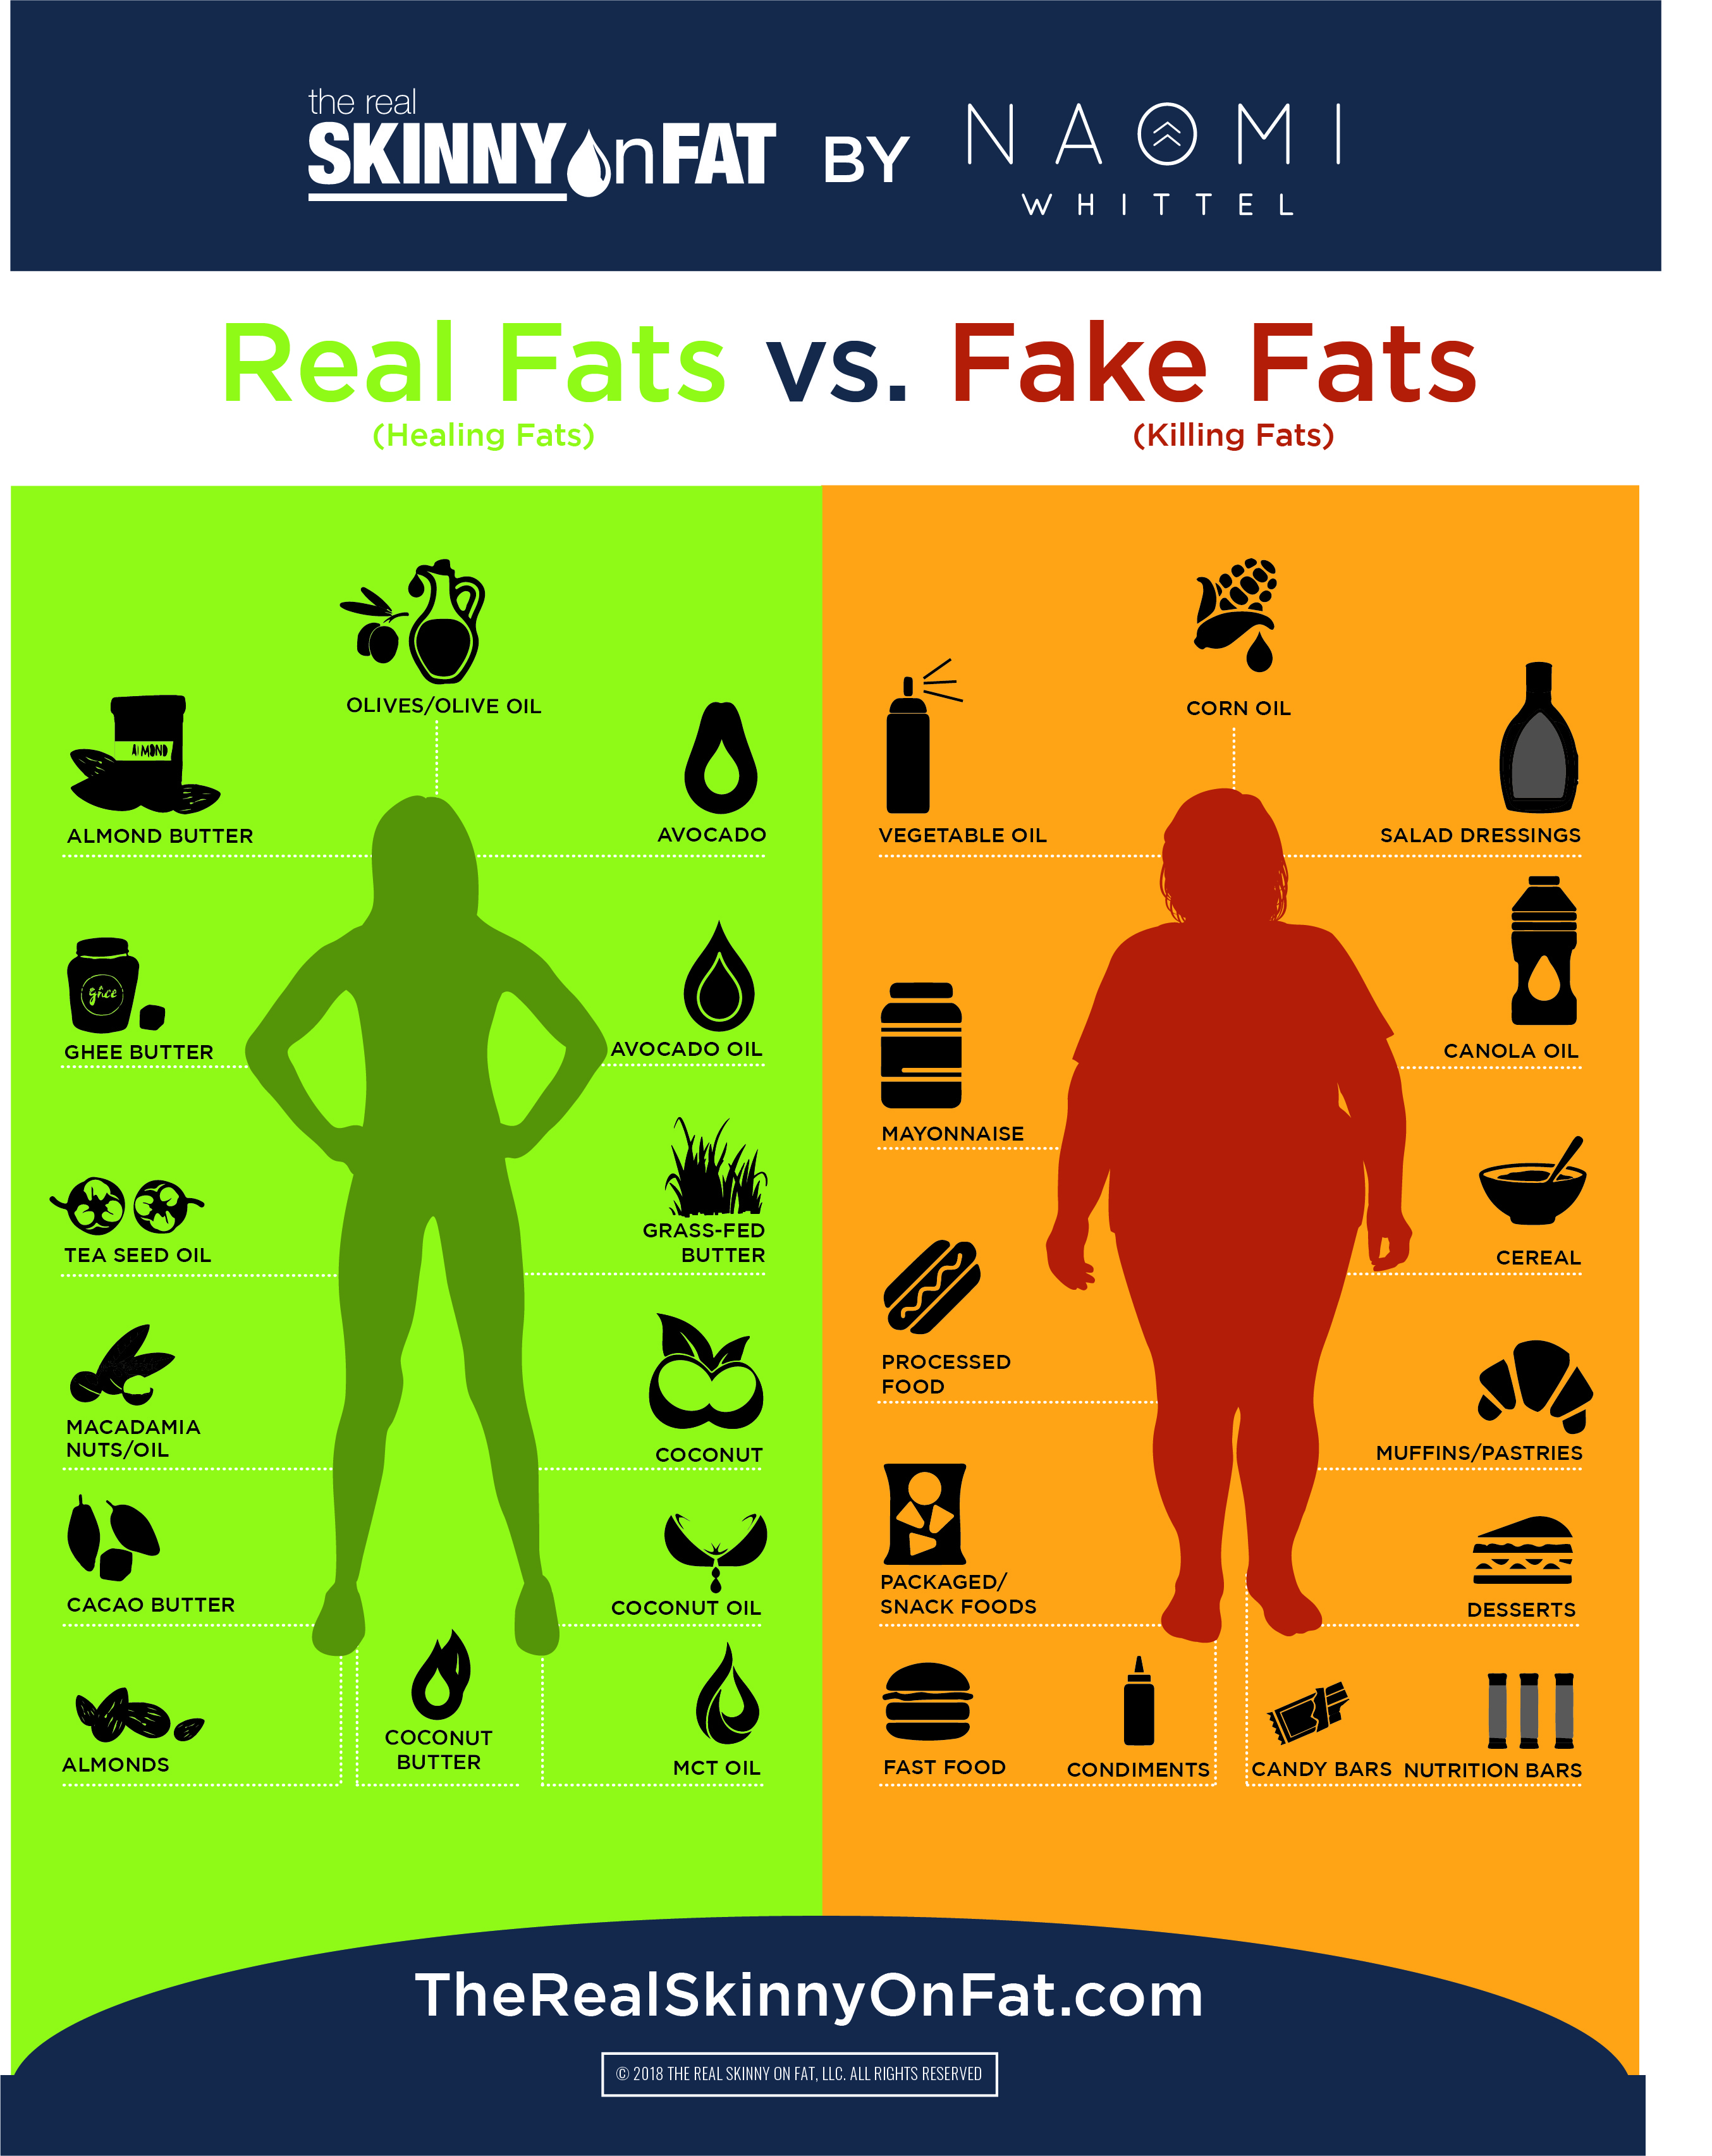 Real fats and fake fats